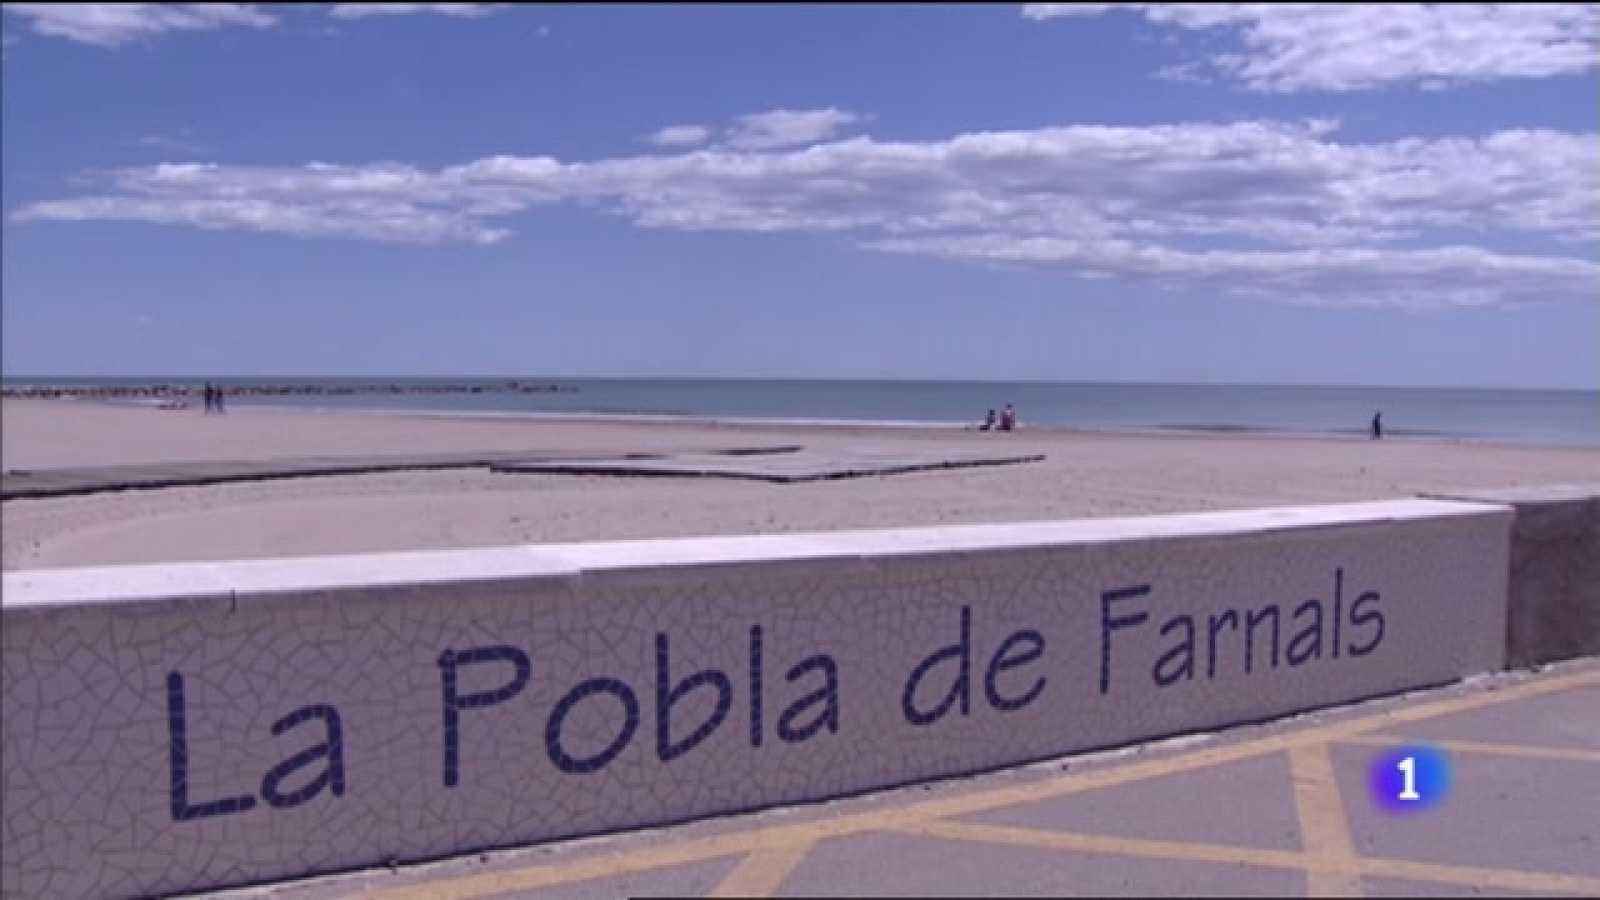 L'Informatiu Comunitat Valenciana 2 - 11/05/21 ver ahora